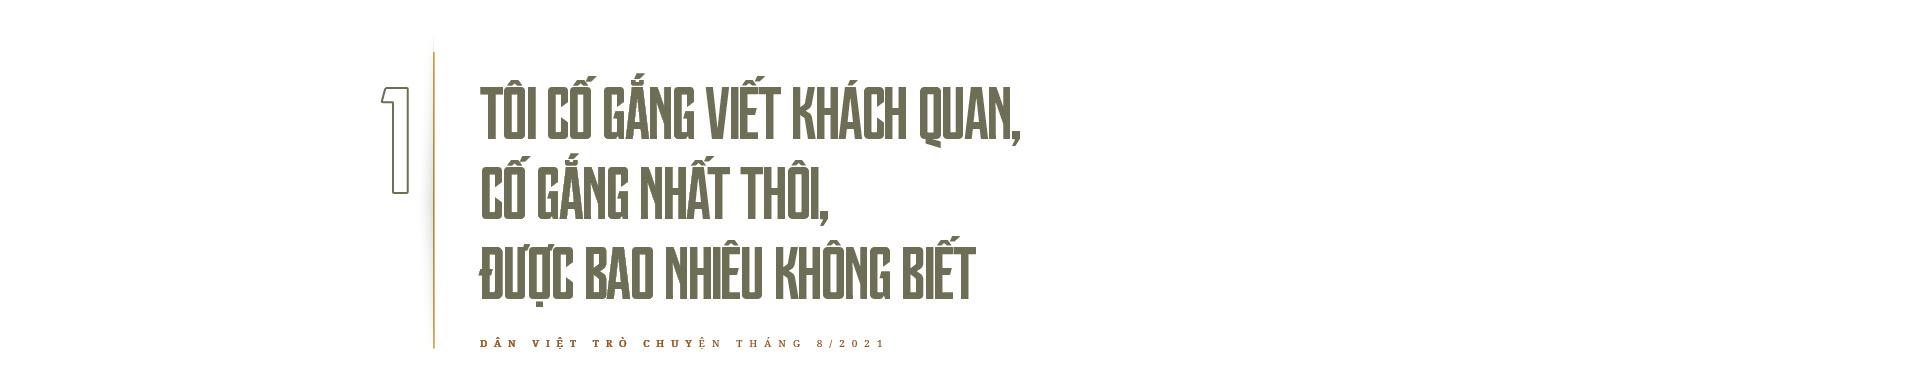 Nhà cách mạng Trần Tử Bình qua lời kể của võ sư Trần Việt Trung: Một cuộc đời như huyền thoại - Ảnh 3.